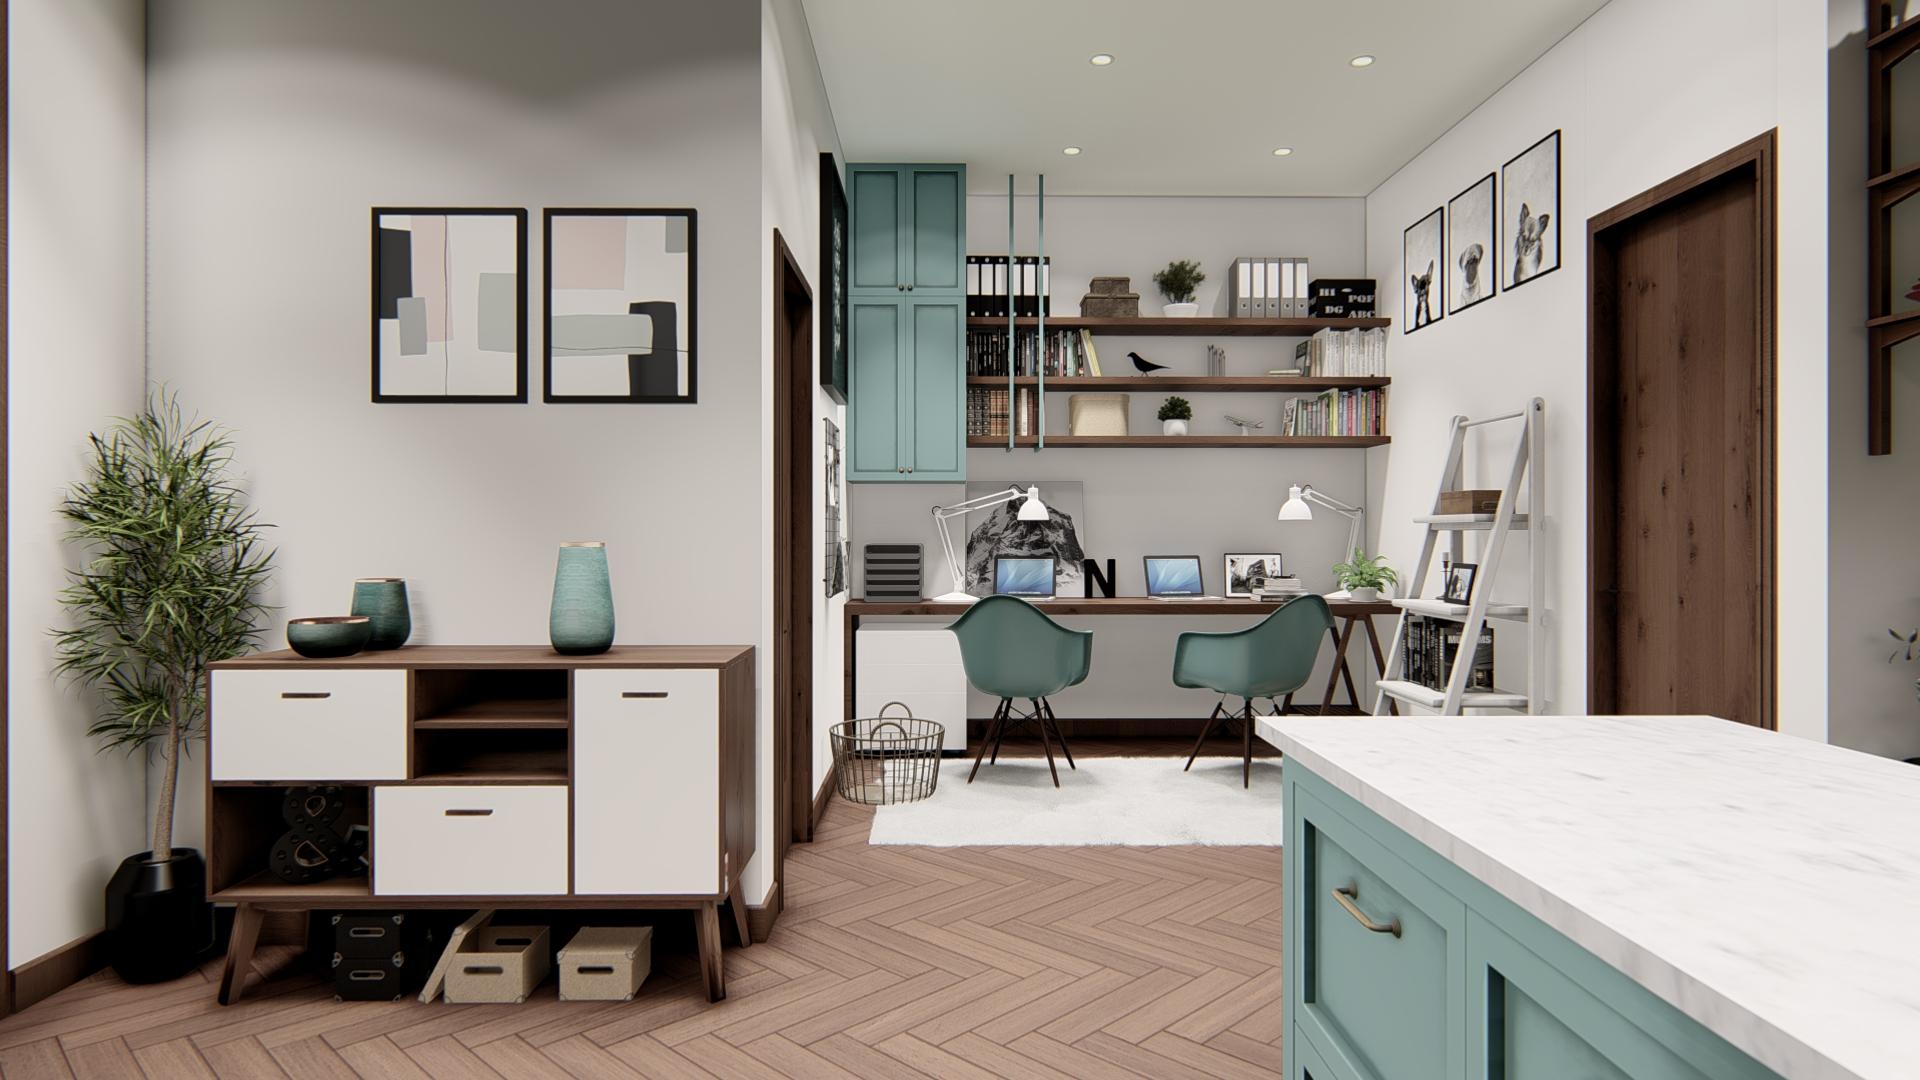 thiết kế nội thất chung cư tại Hồ Chí Minh Căn hộ Hà Đô Centrosa 1 1565695031